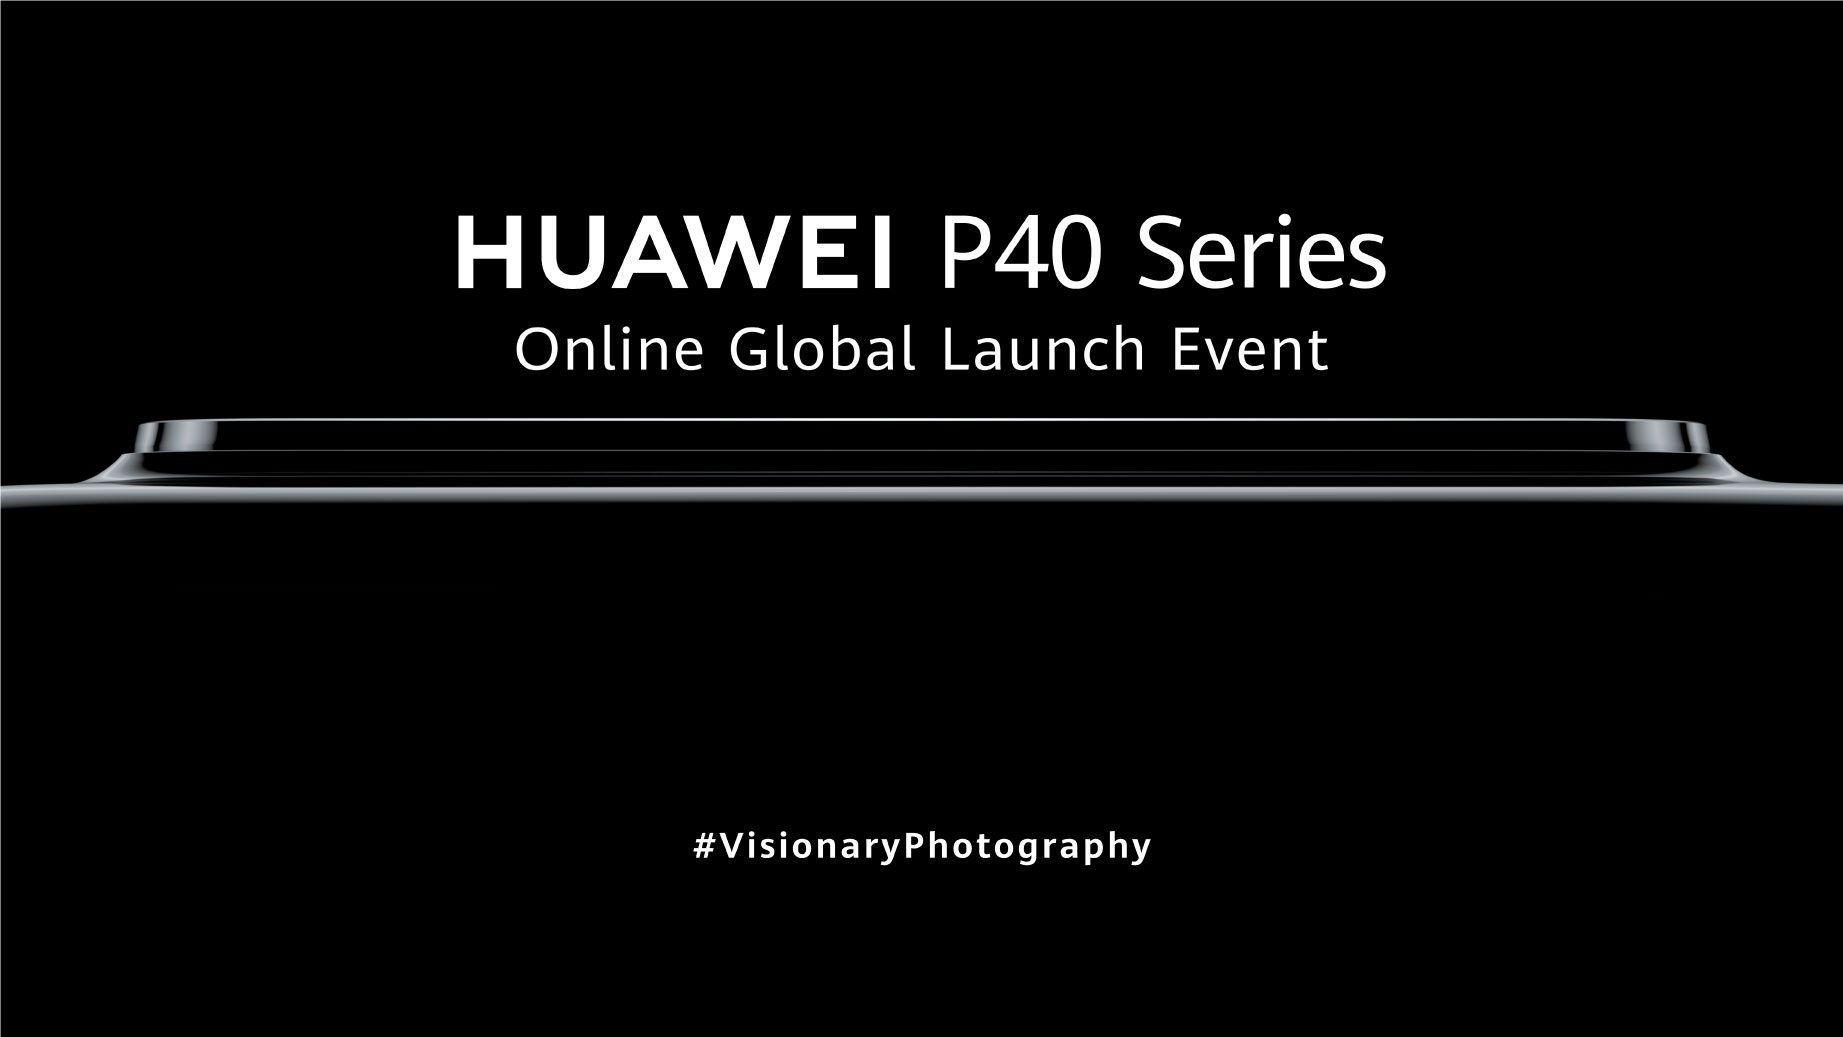 Gli smartphone della Huawei P40 Series presentati il 26 marzo in diretta streaming